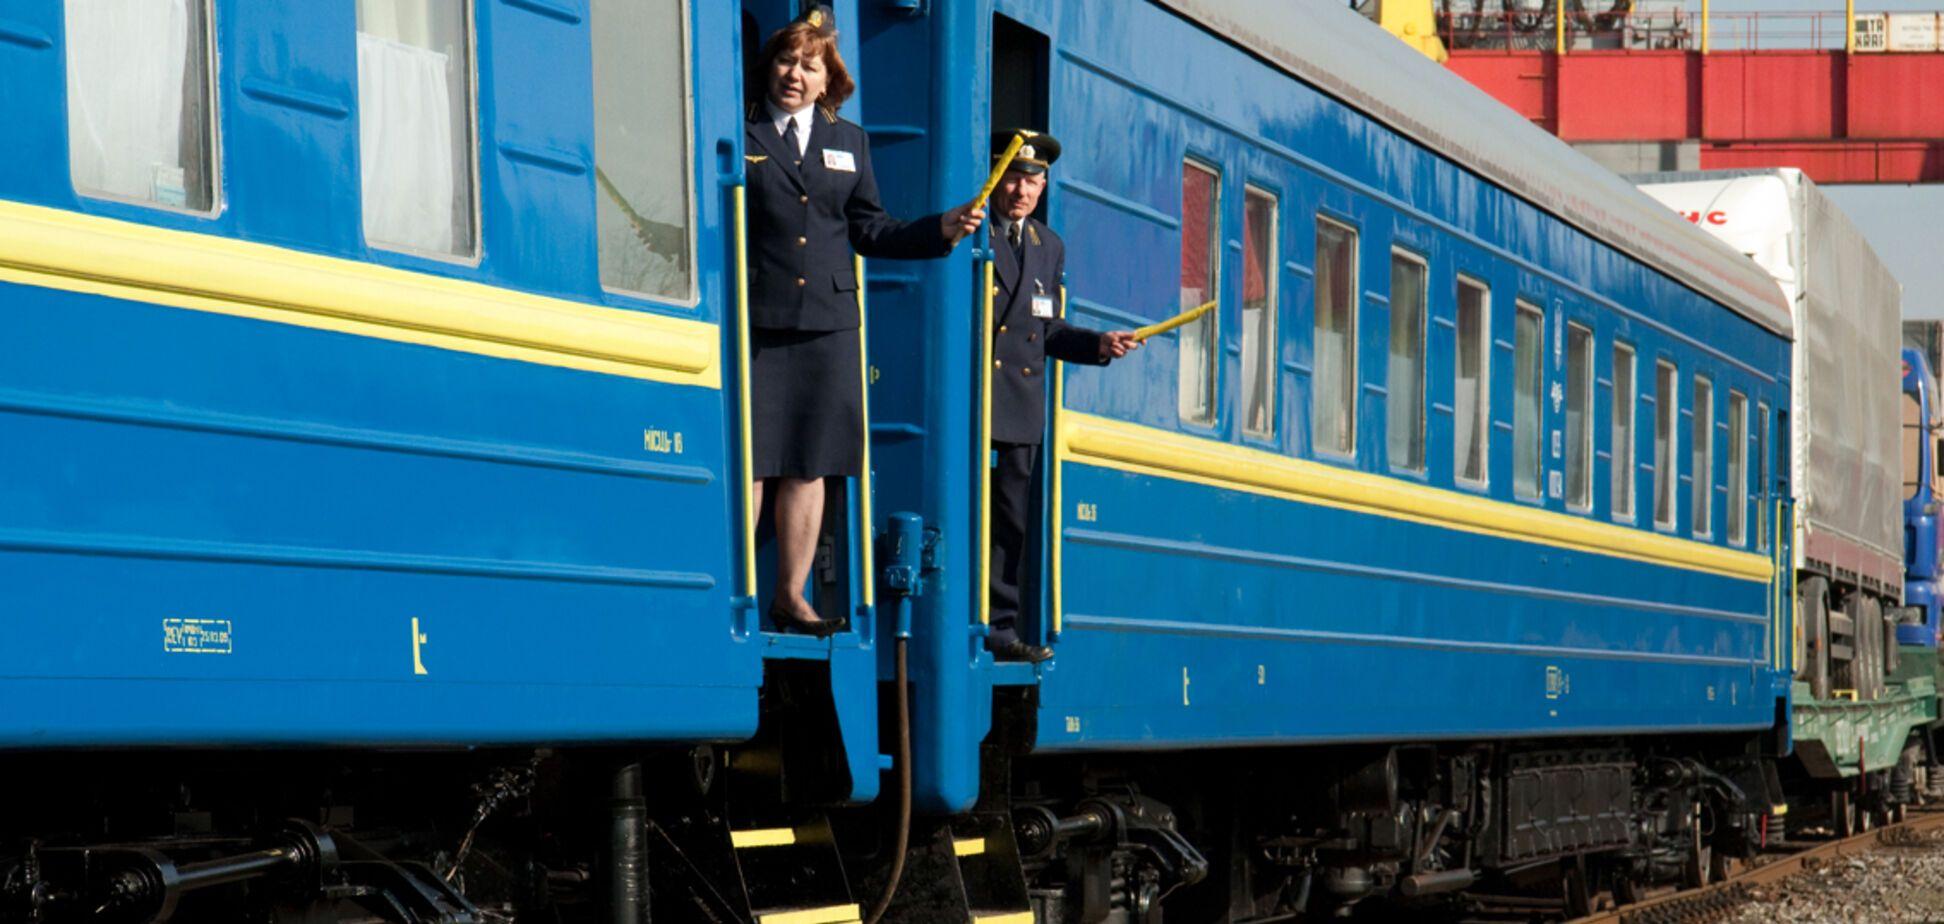 'Укрзалізниця' знову підвищила ціни на квитки: чому і на скільки